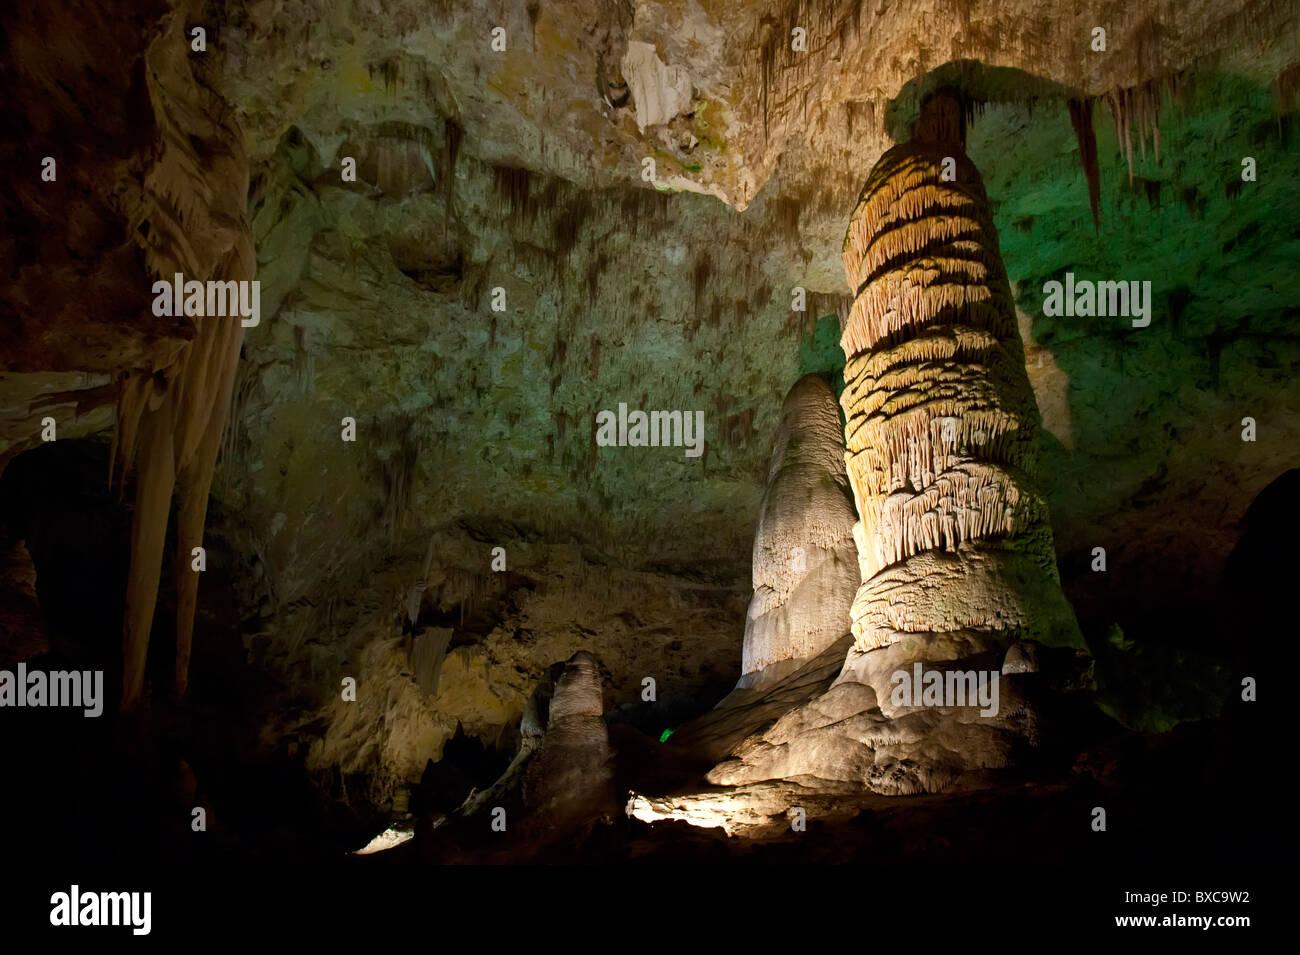 Carlsbad, New Mexico - Carlsbad Caverns National Park. - Stock Image